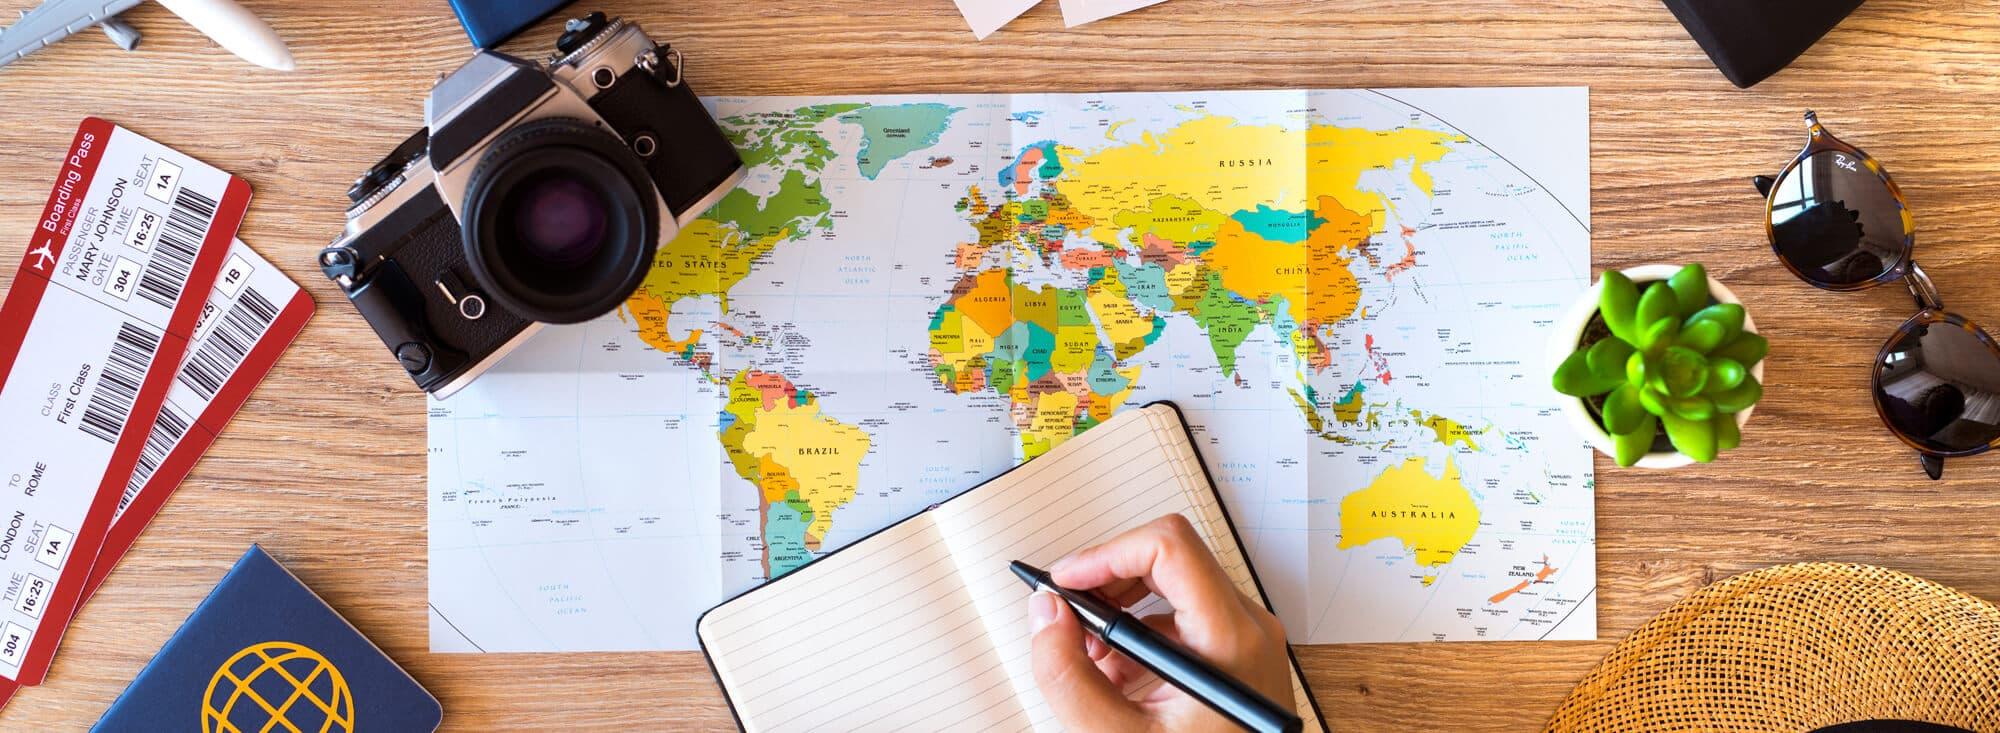 Booking.com - Copywriting agency case study